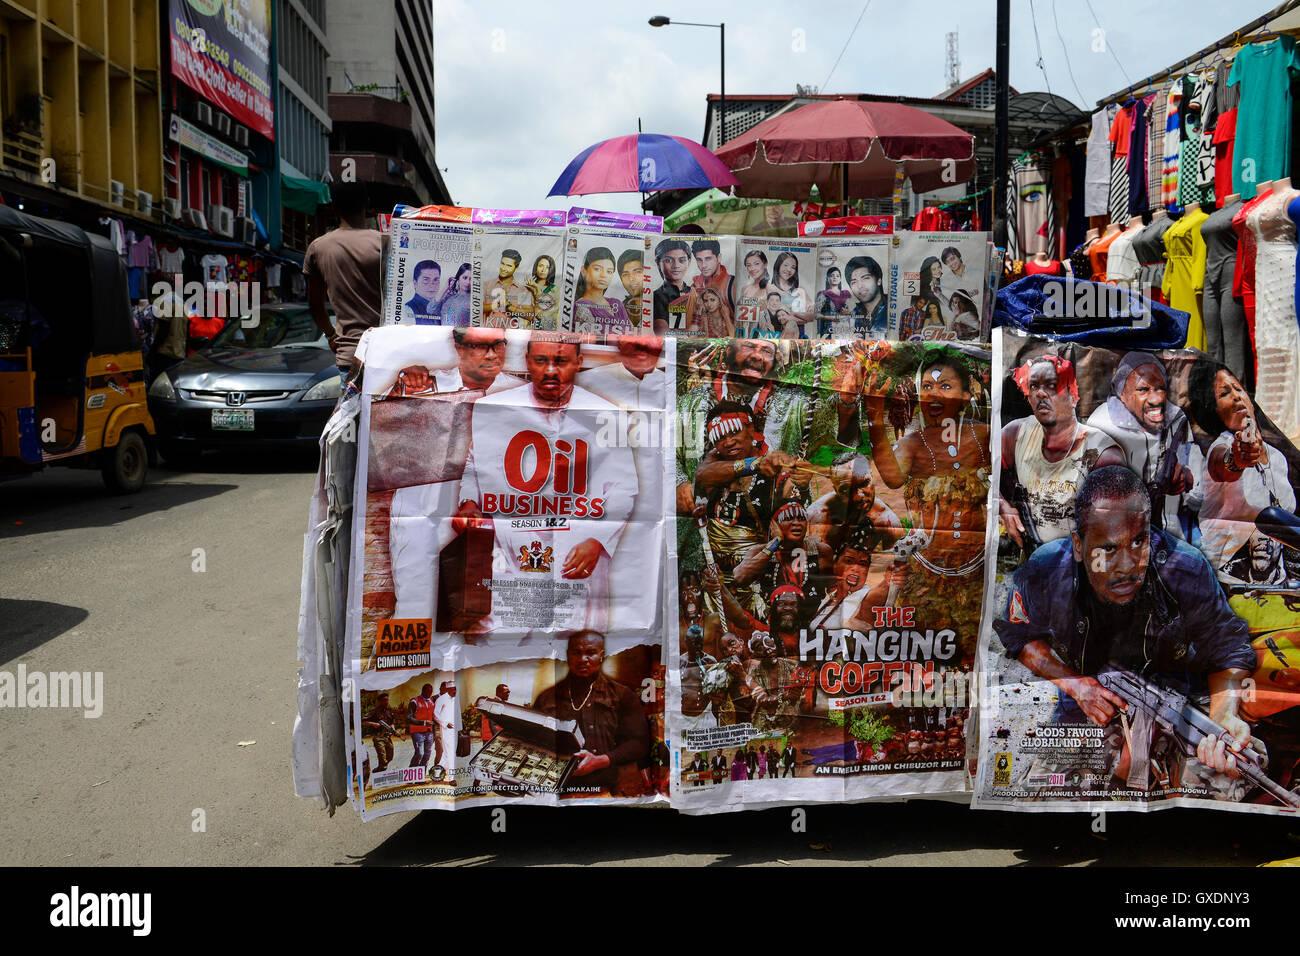 Stadt Lagos, NIGERIA am Straßenrand verkaufen der bewegten Bilder von der nigerianischen Filmindustrie Nollywood Stockbild